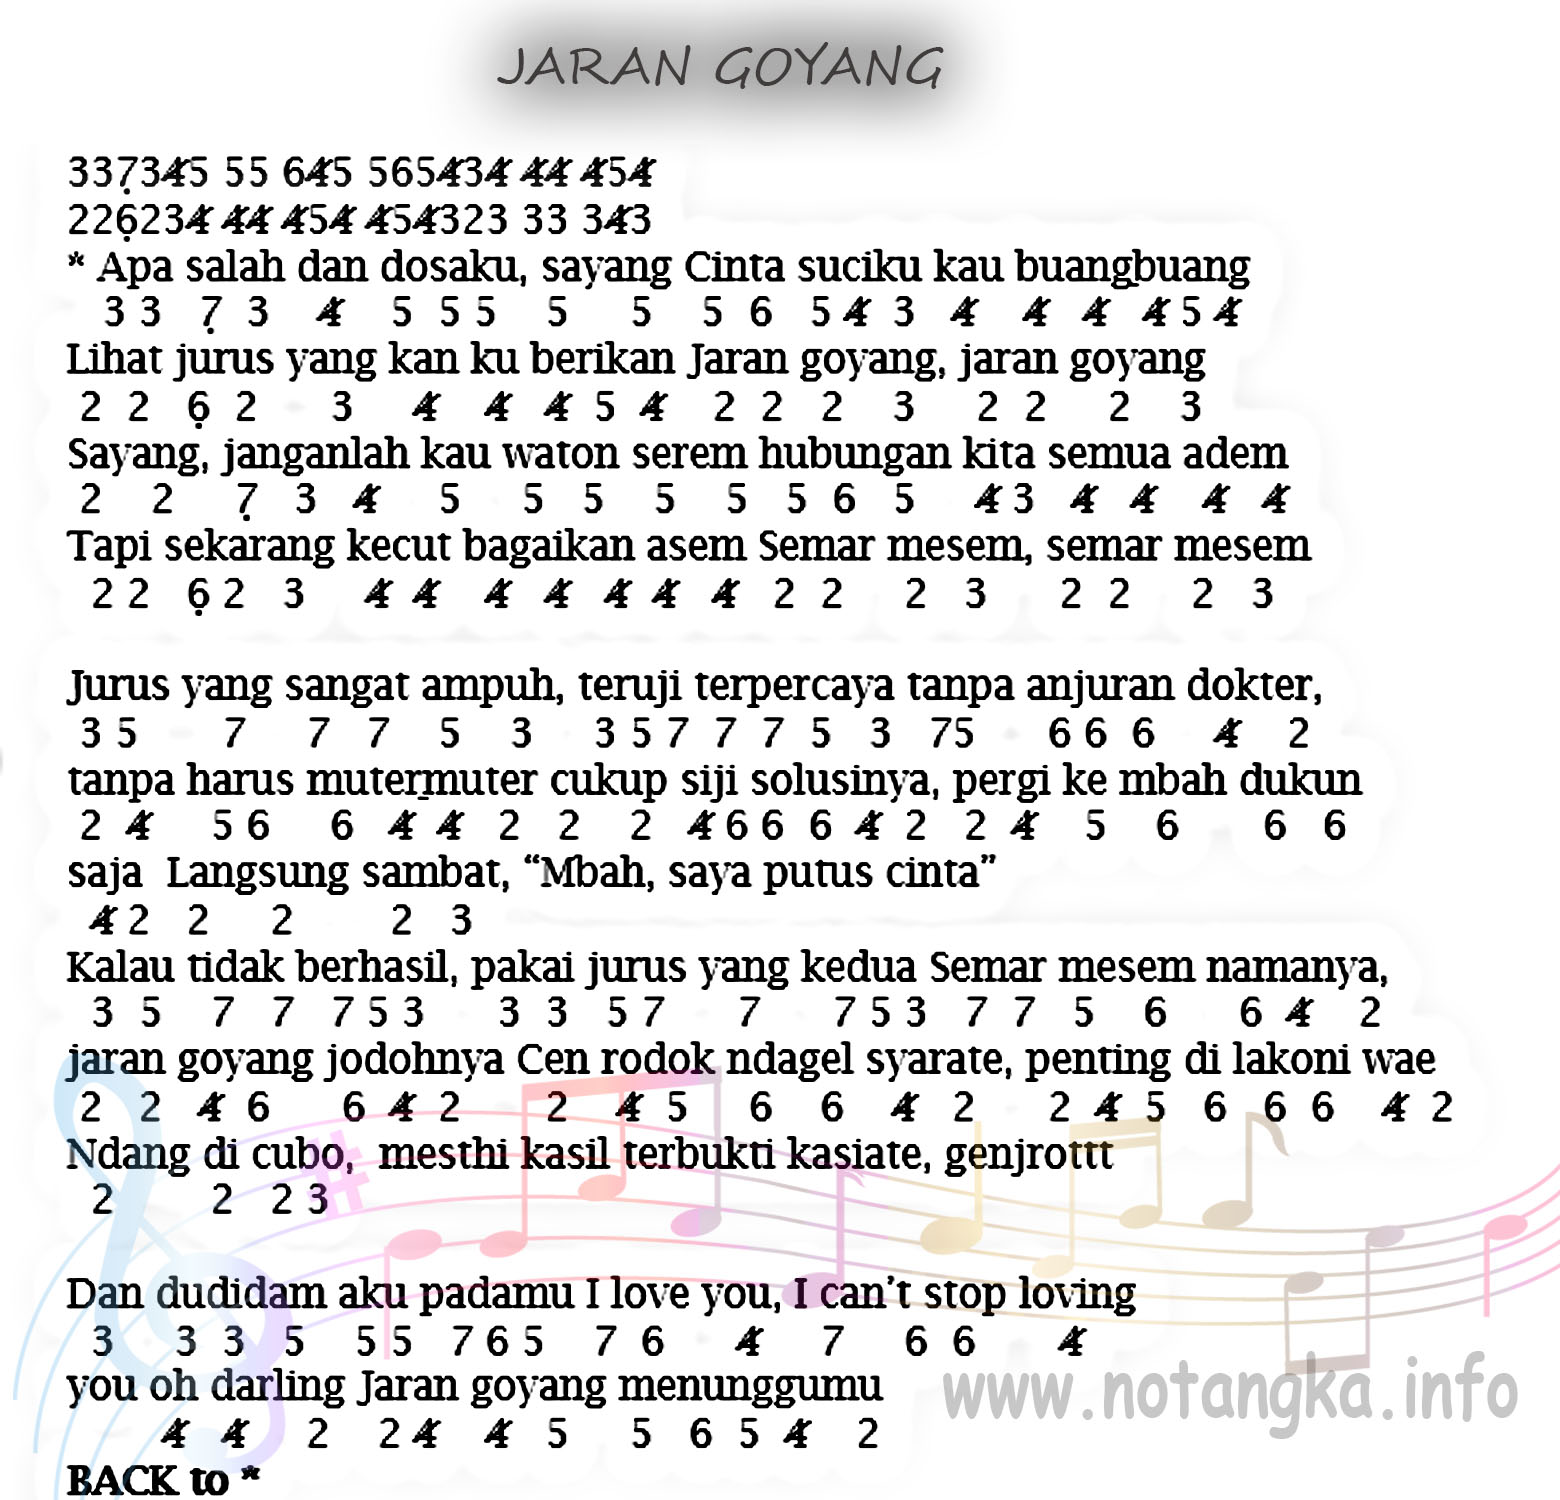 Download Lagu Goyang Nasi Padang 2: Nada Lagu Jaran Goyang